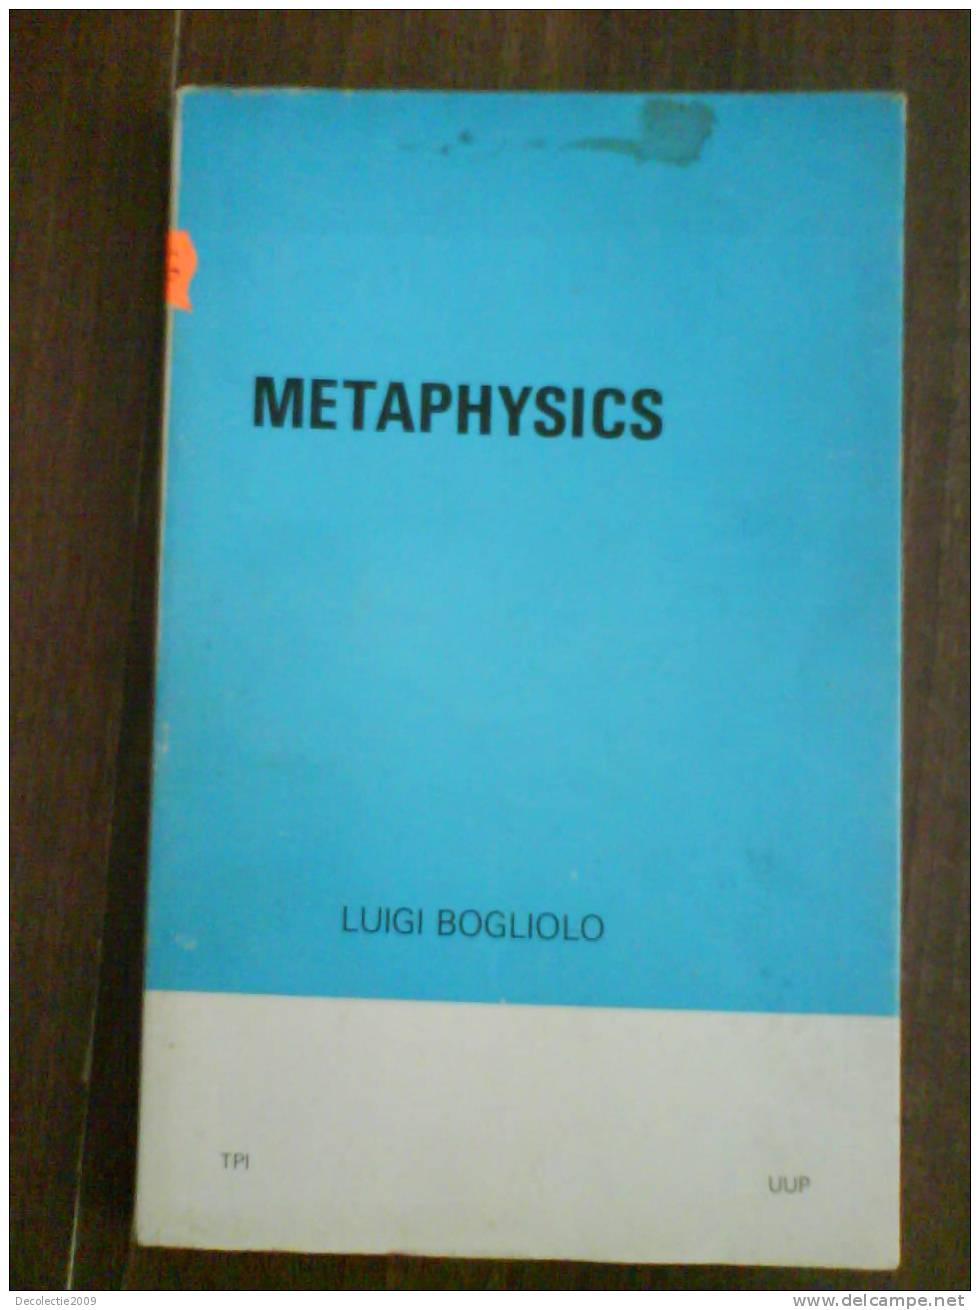 2426 Luigi Bogliolo Metaphysics - Philosophie